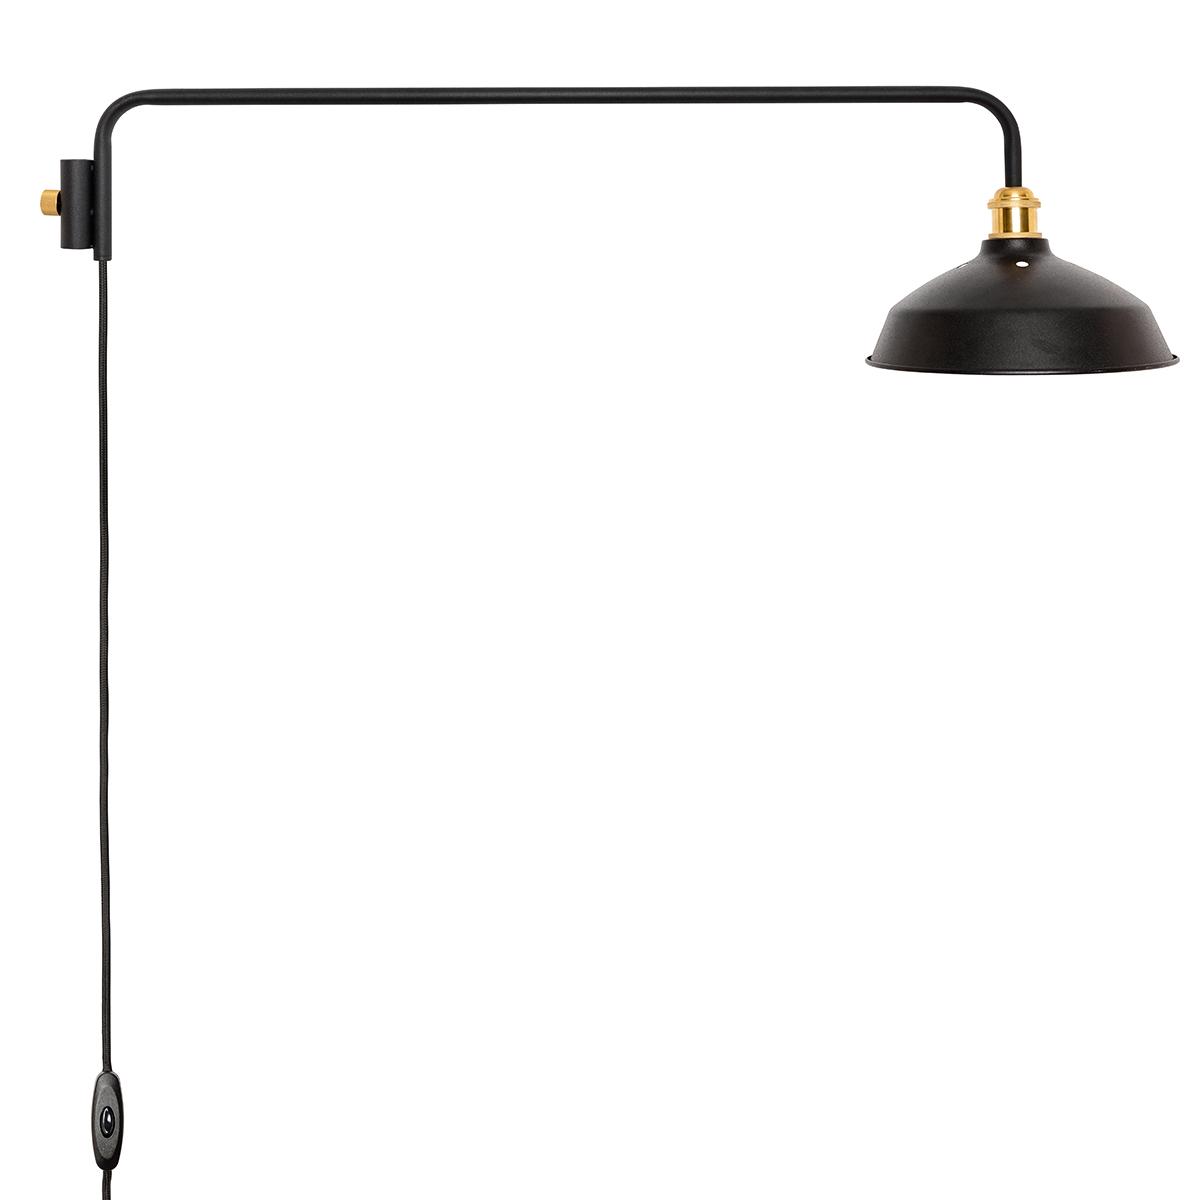 丸みあるシェードに、91.5cmの長めアームをくっつけた「ランプ」。照明とテーブルがセットできる「つっぱり棒」|DRAW A LINE ランプシリーズ